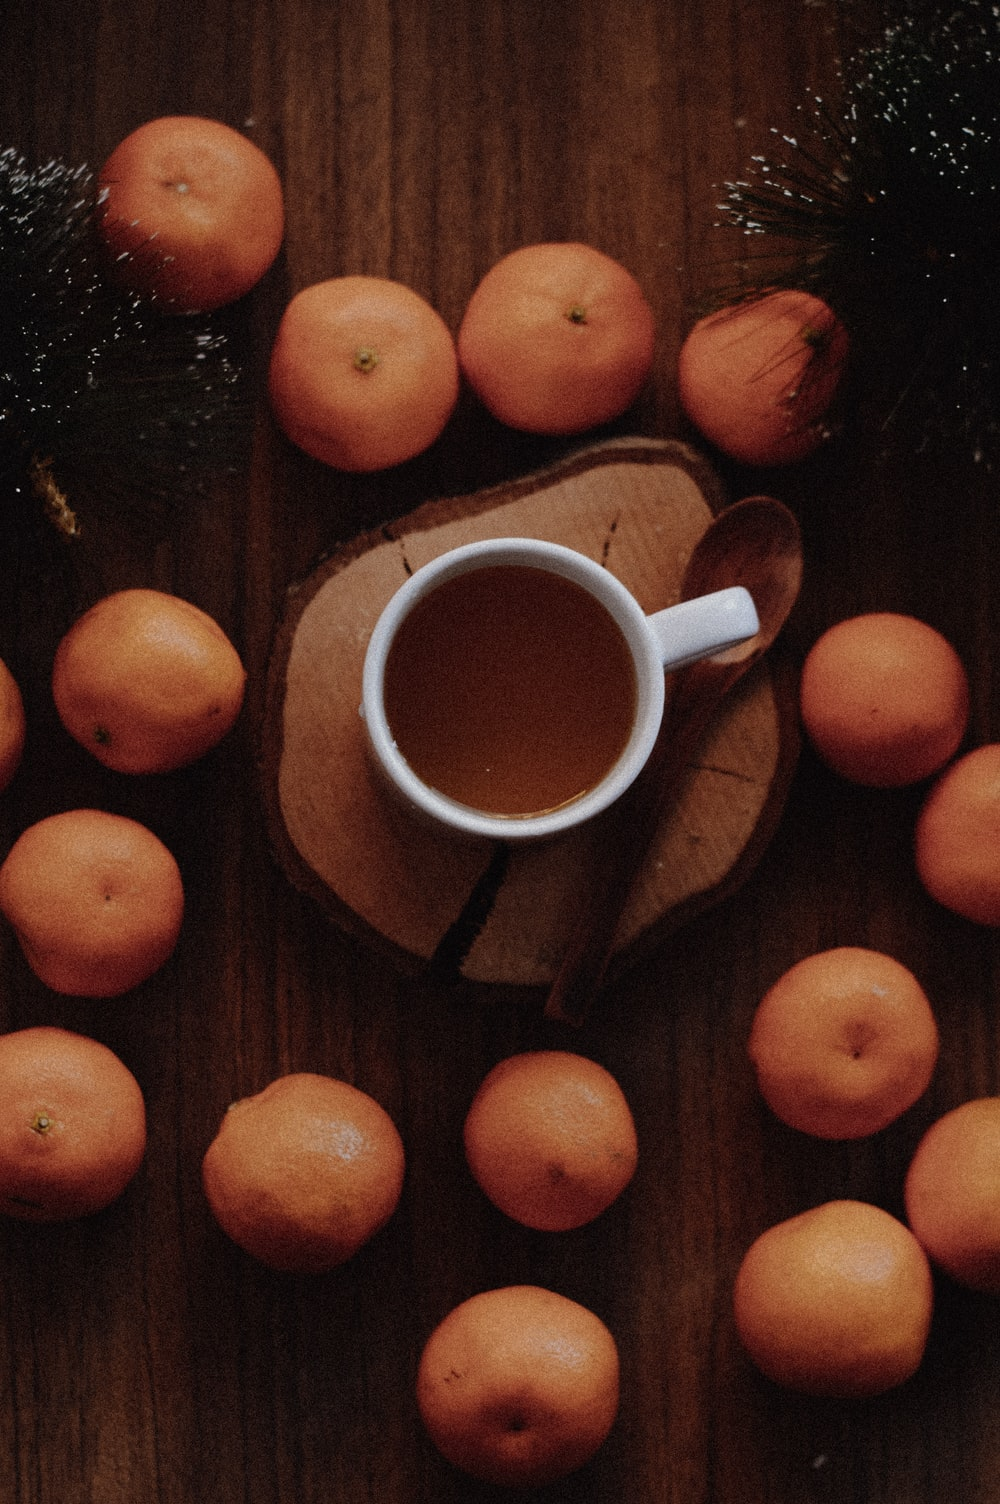 white ceramic mug on orange fruits